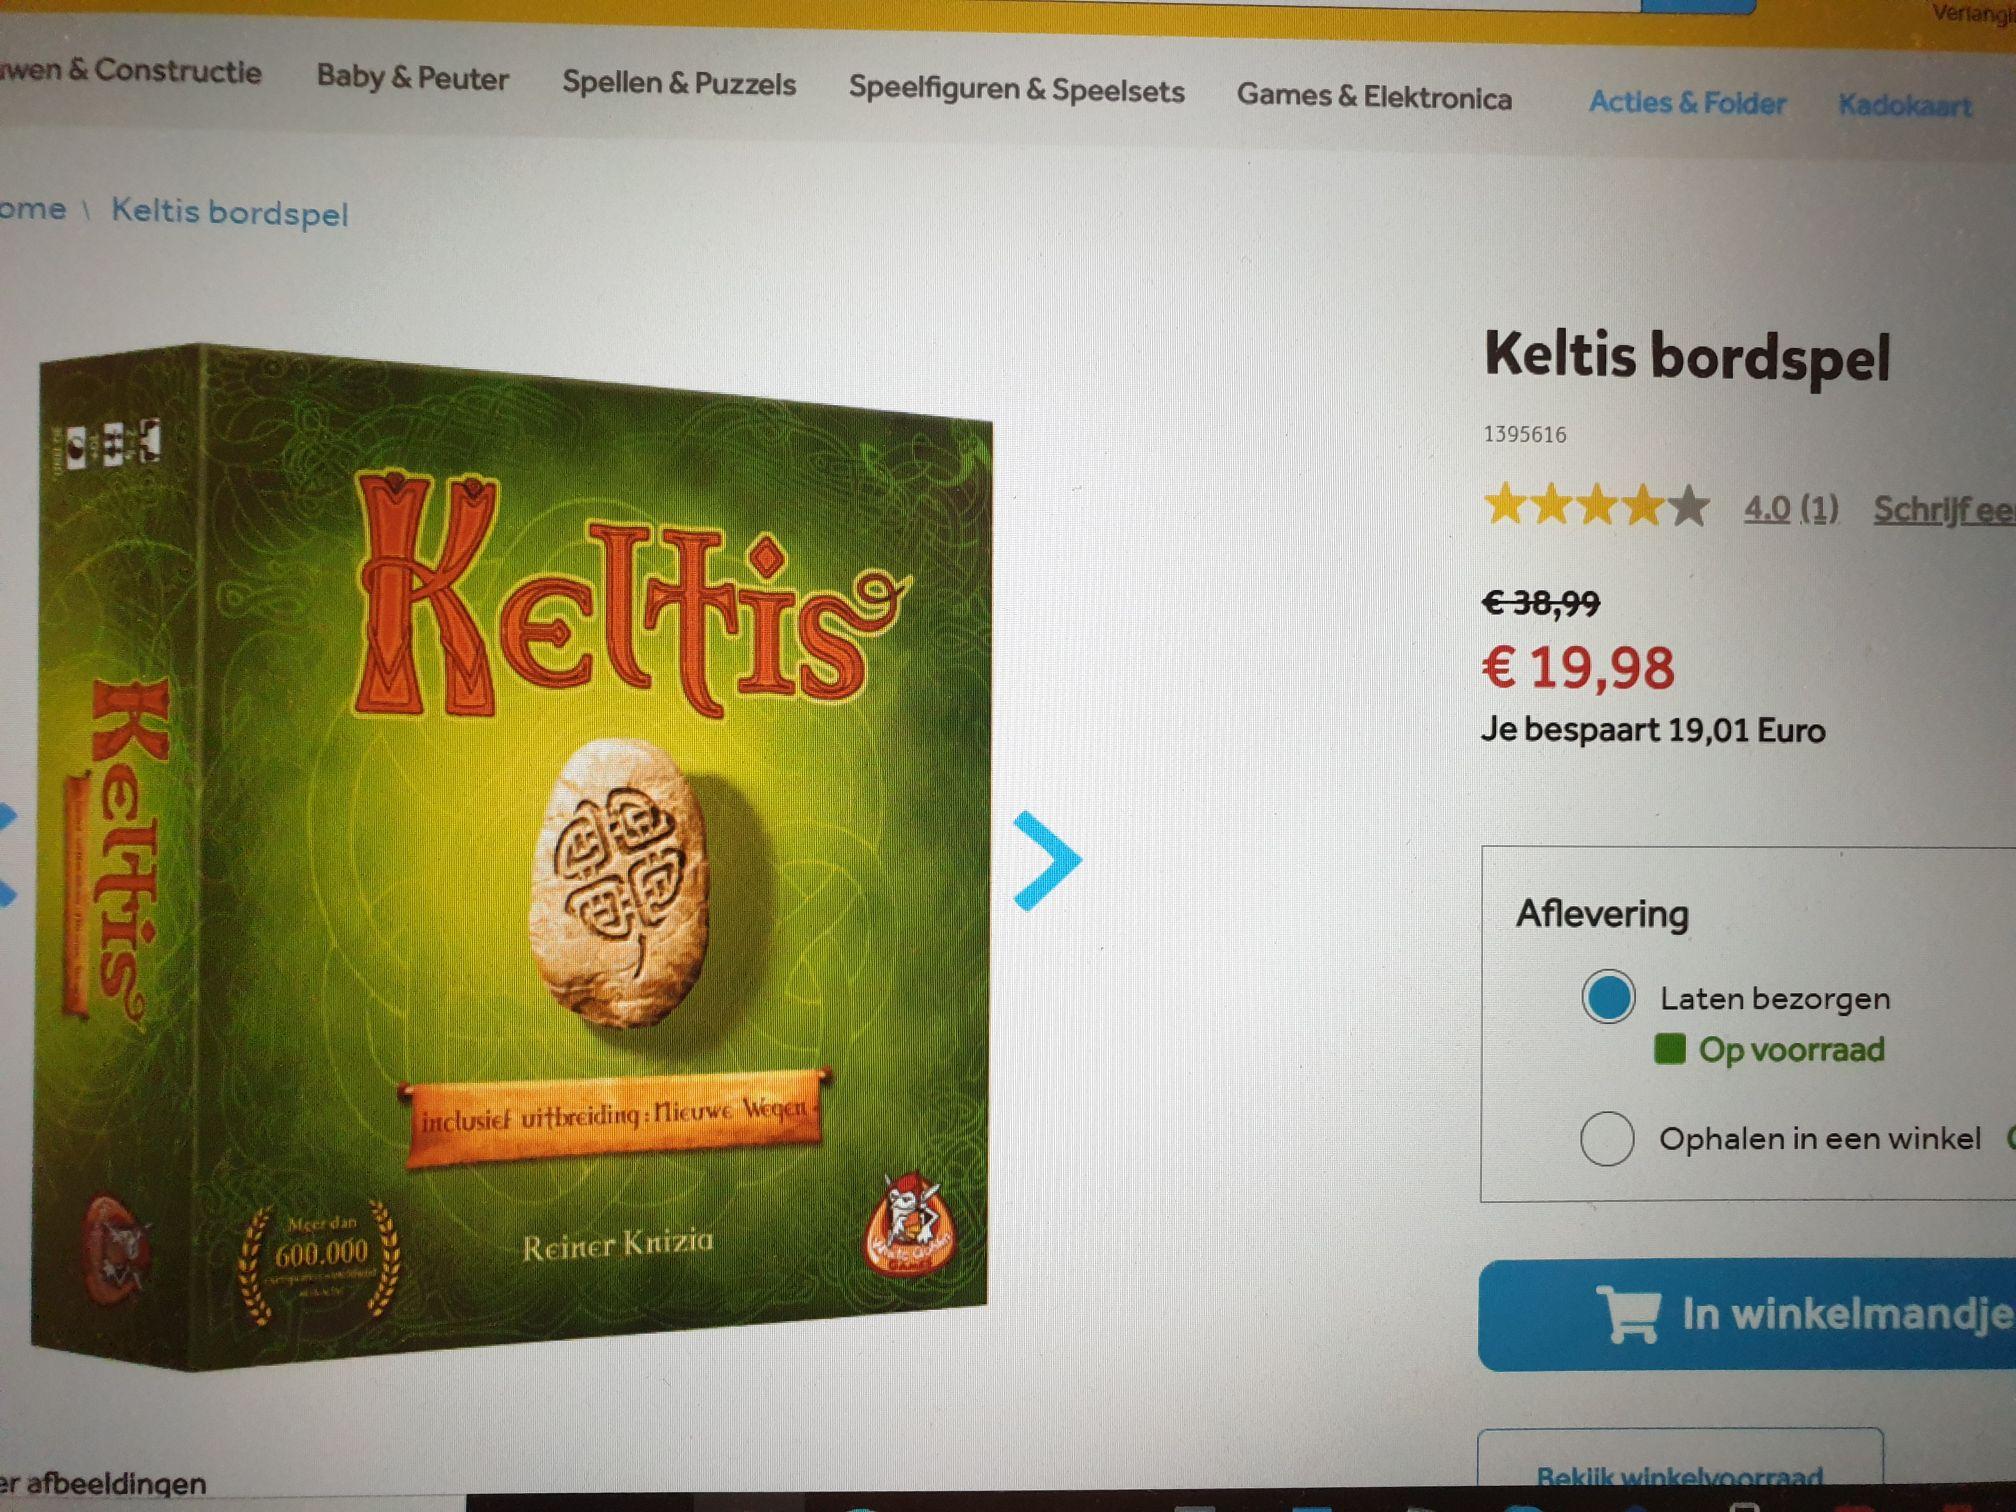 Bordspel Keltis voor laagste prijs ooit